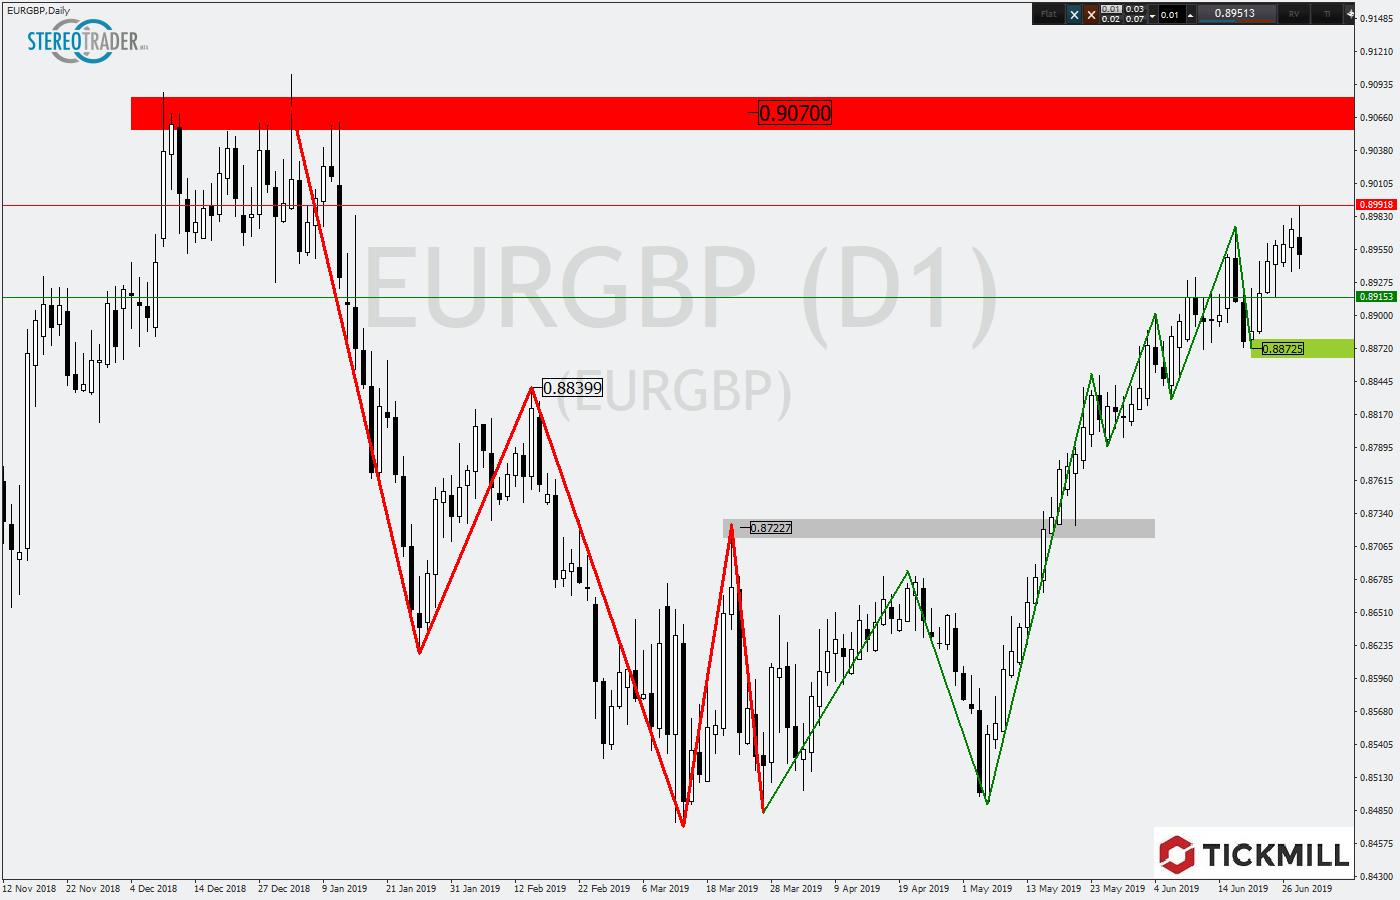 Tickmill-Analyse: EURGBP mit Umkehrsignal am Trendhoch